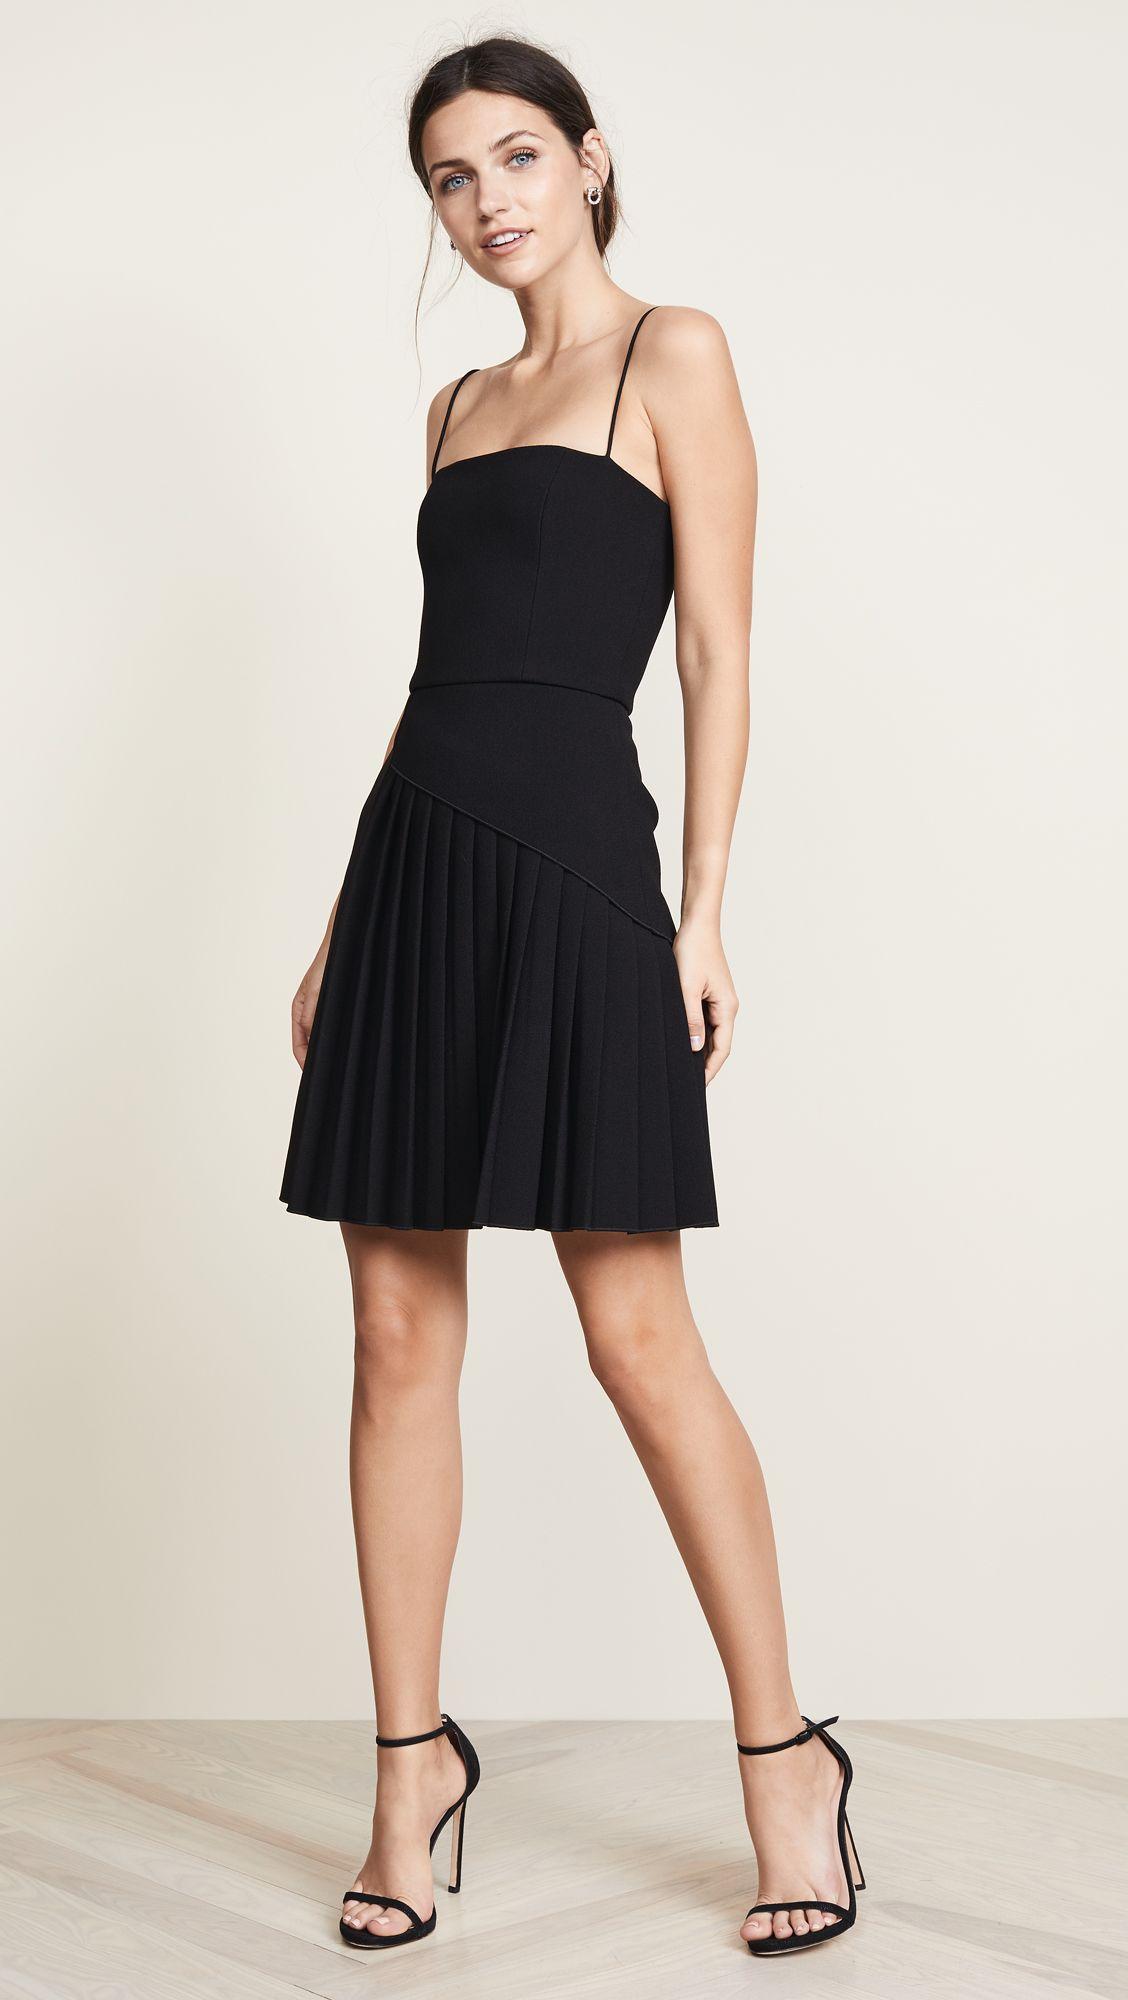 Dion Lee Coil Pleat Dress Bop 15 Dresses Party